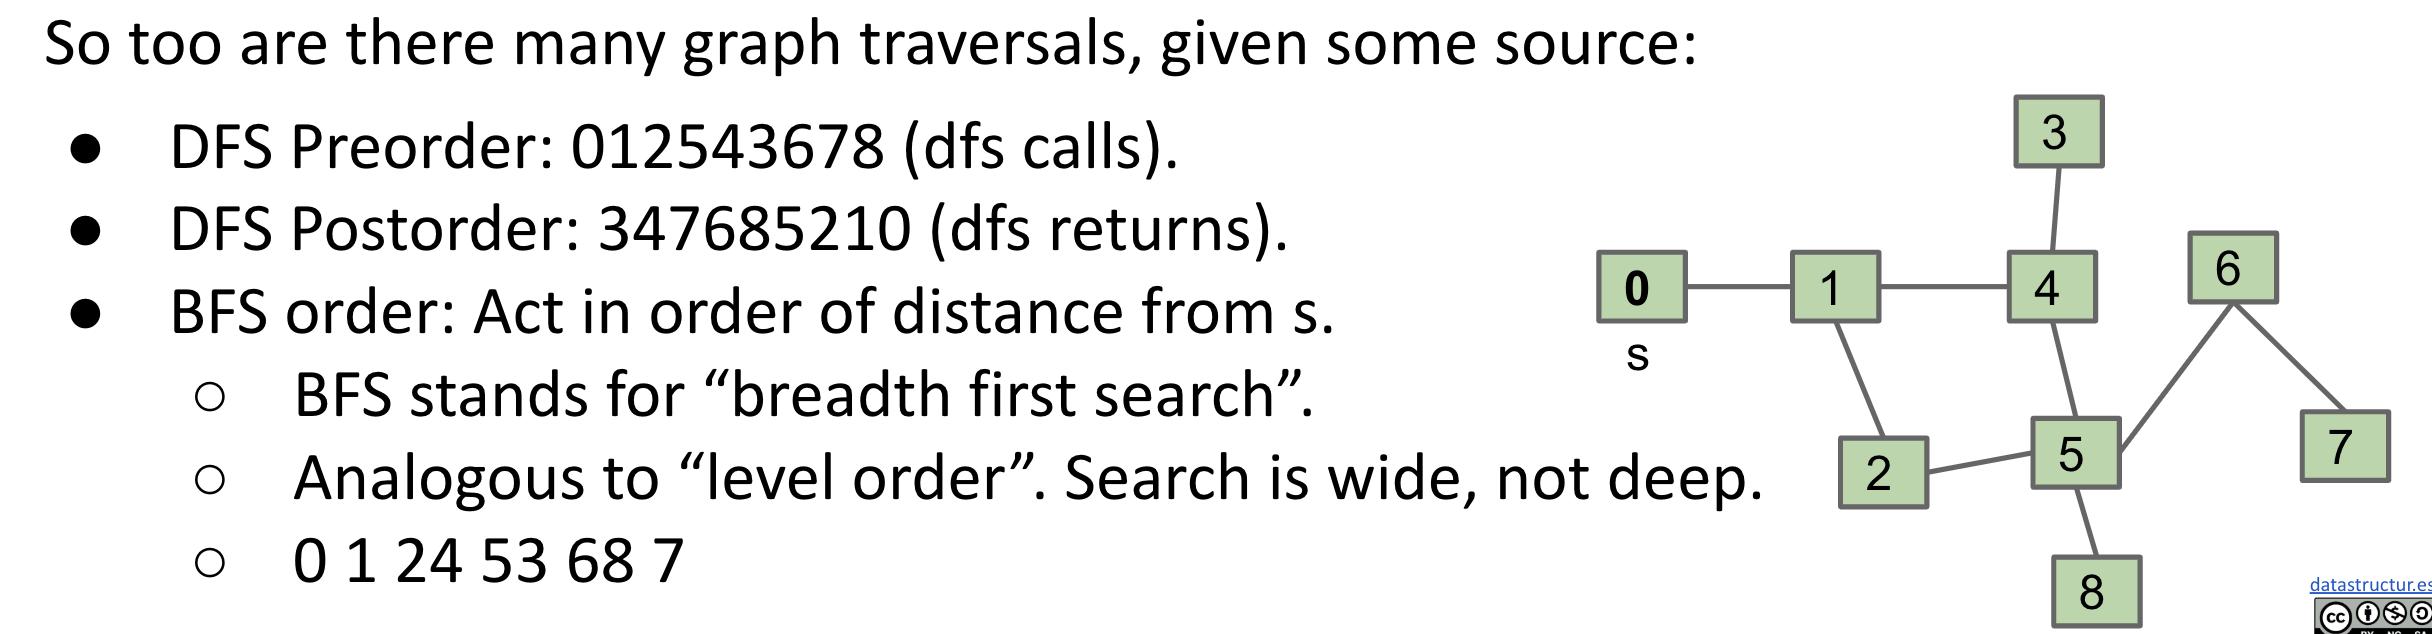 DFS Pre-order & Post-order, BFS order